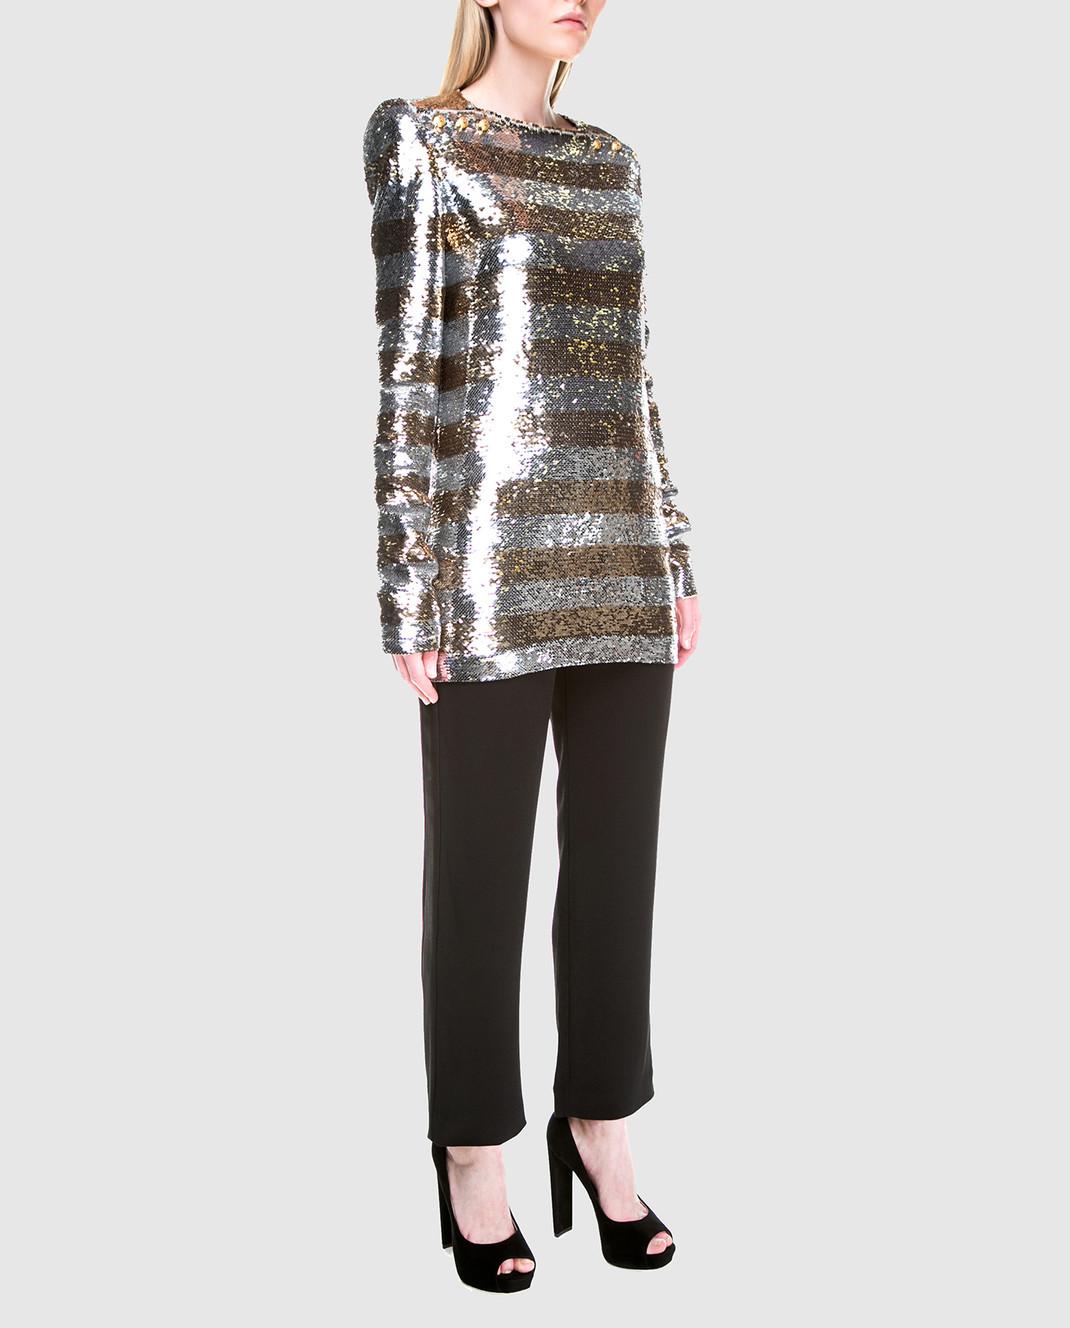 Balmain Серебристая блуза с пайетками 131513 изображение 2